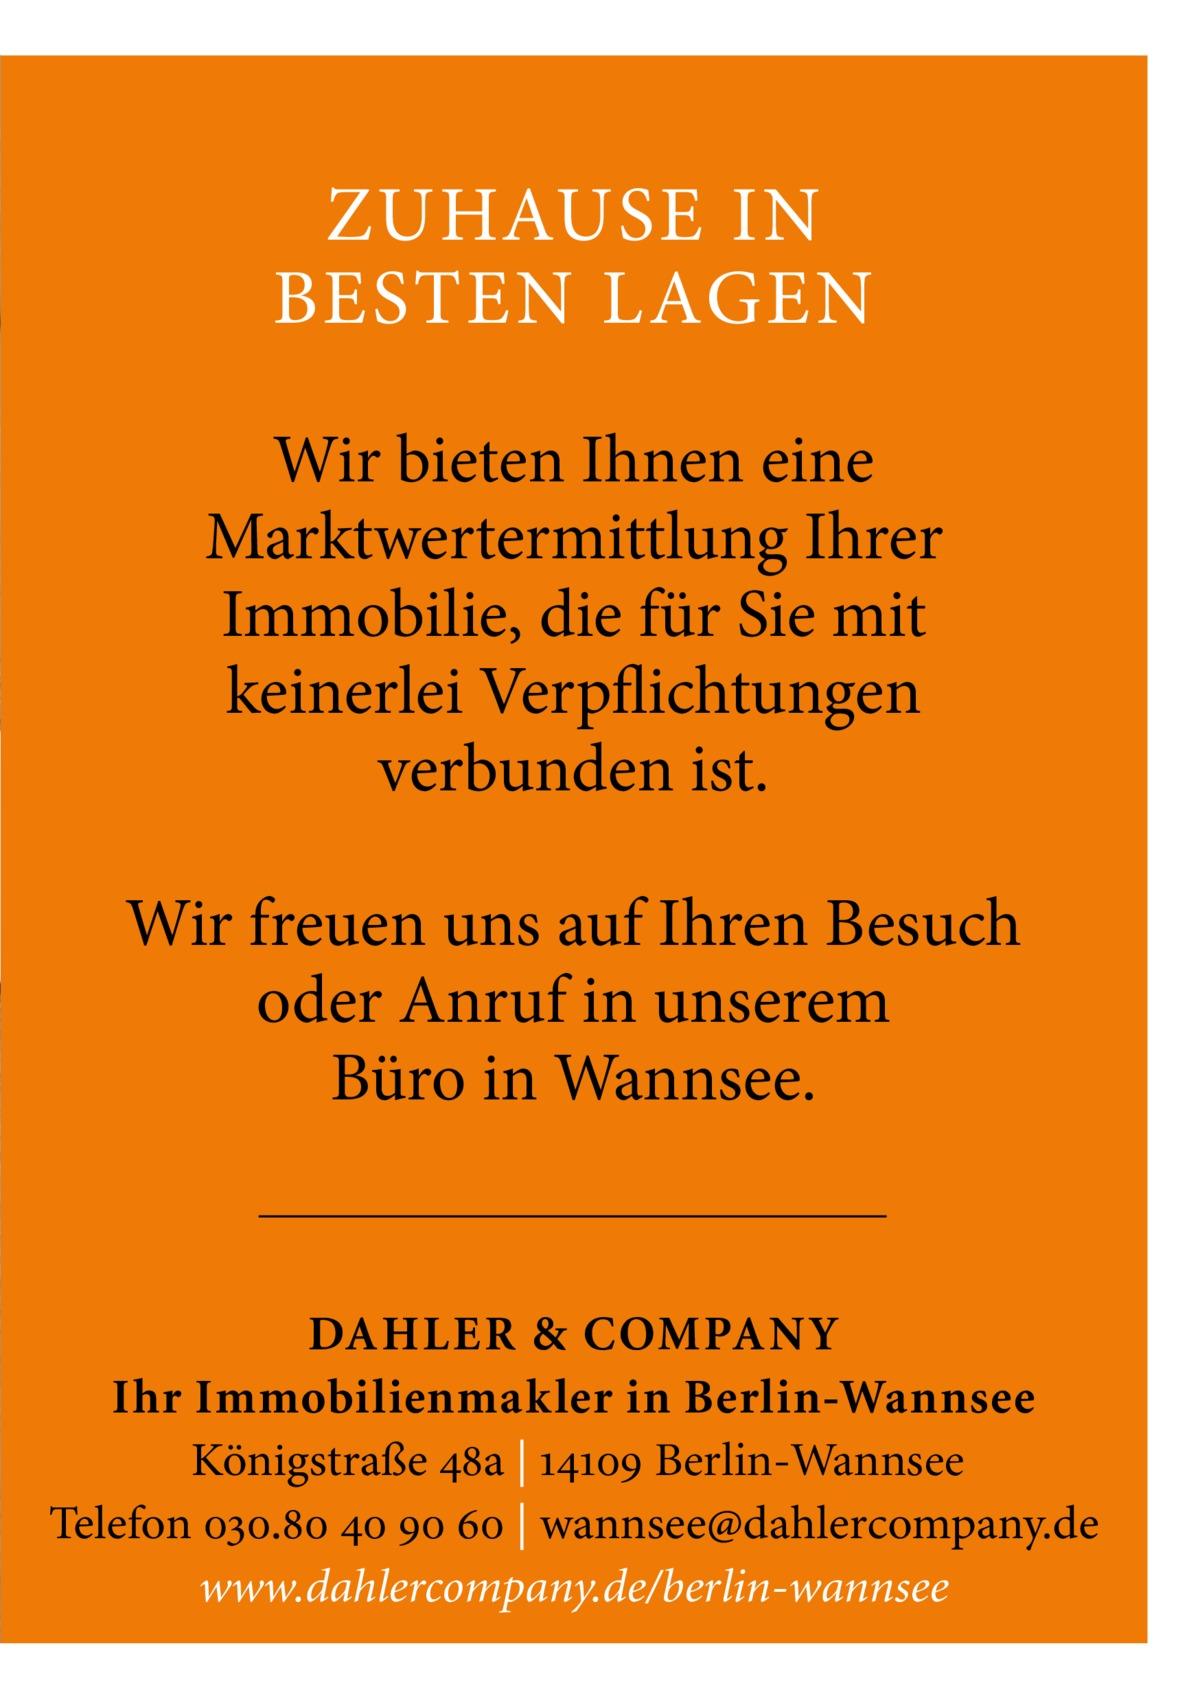 ZUHAUSE IN BESTEN LAGEN Wir bieten Ihnen eine Marktwertermittlung Ihrer Immobilie, die für Sie mit keinerlei Verpflichtungen verbunden ist. Wir freuen uns auf Ihren Besuch oder Anruf in unserem Büro in Wannsee.  DAHLER & COMPAN Y Ihr Immobilienmakler in Berlin-Wannsee Königstraße 48a | 14109 Berlin-Wannsee Telefon 030.80 40 90 60 | wannsee@dahlercompany.de www.dahlercompany.de/berlin-wannsee